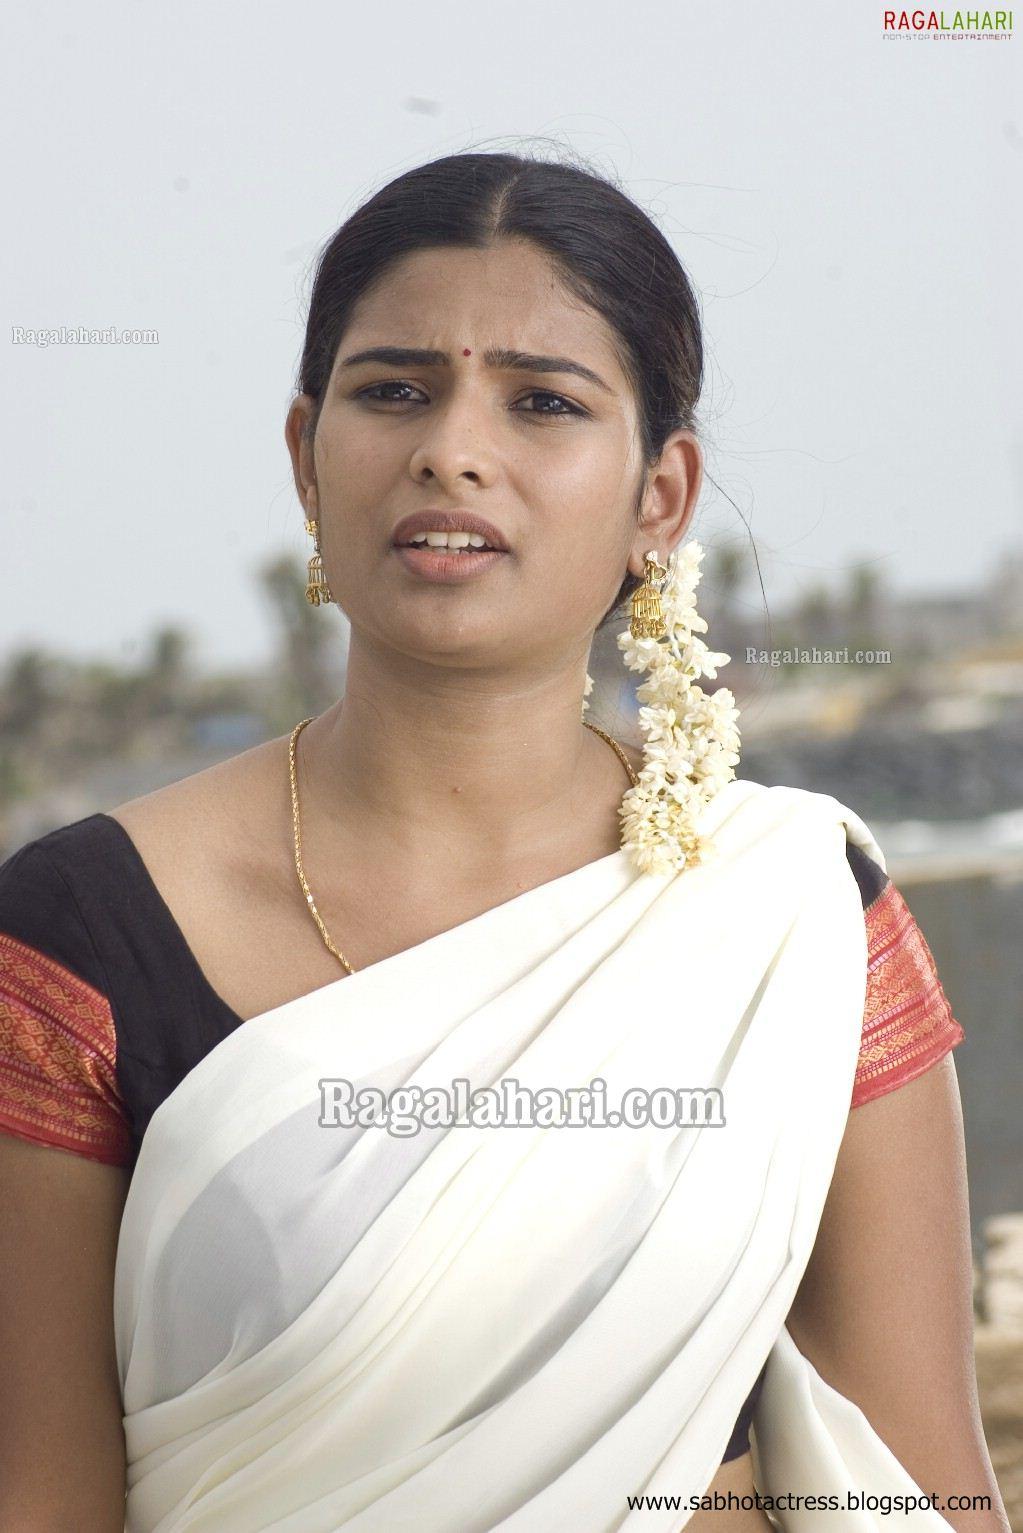 cute photos: Tamil Tv Anchor Maheshwari Unseen Pics